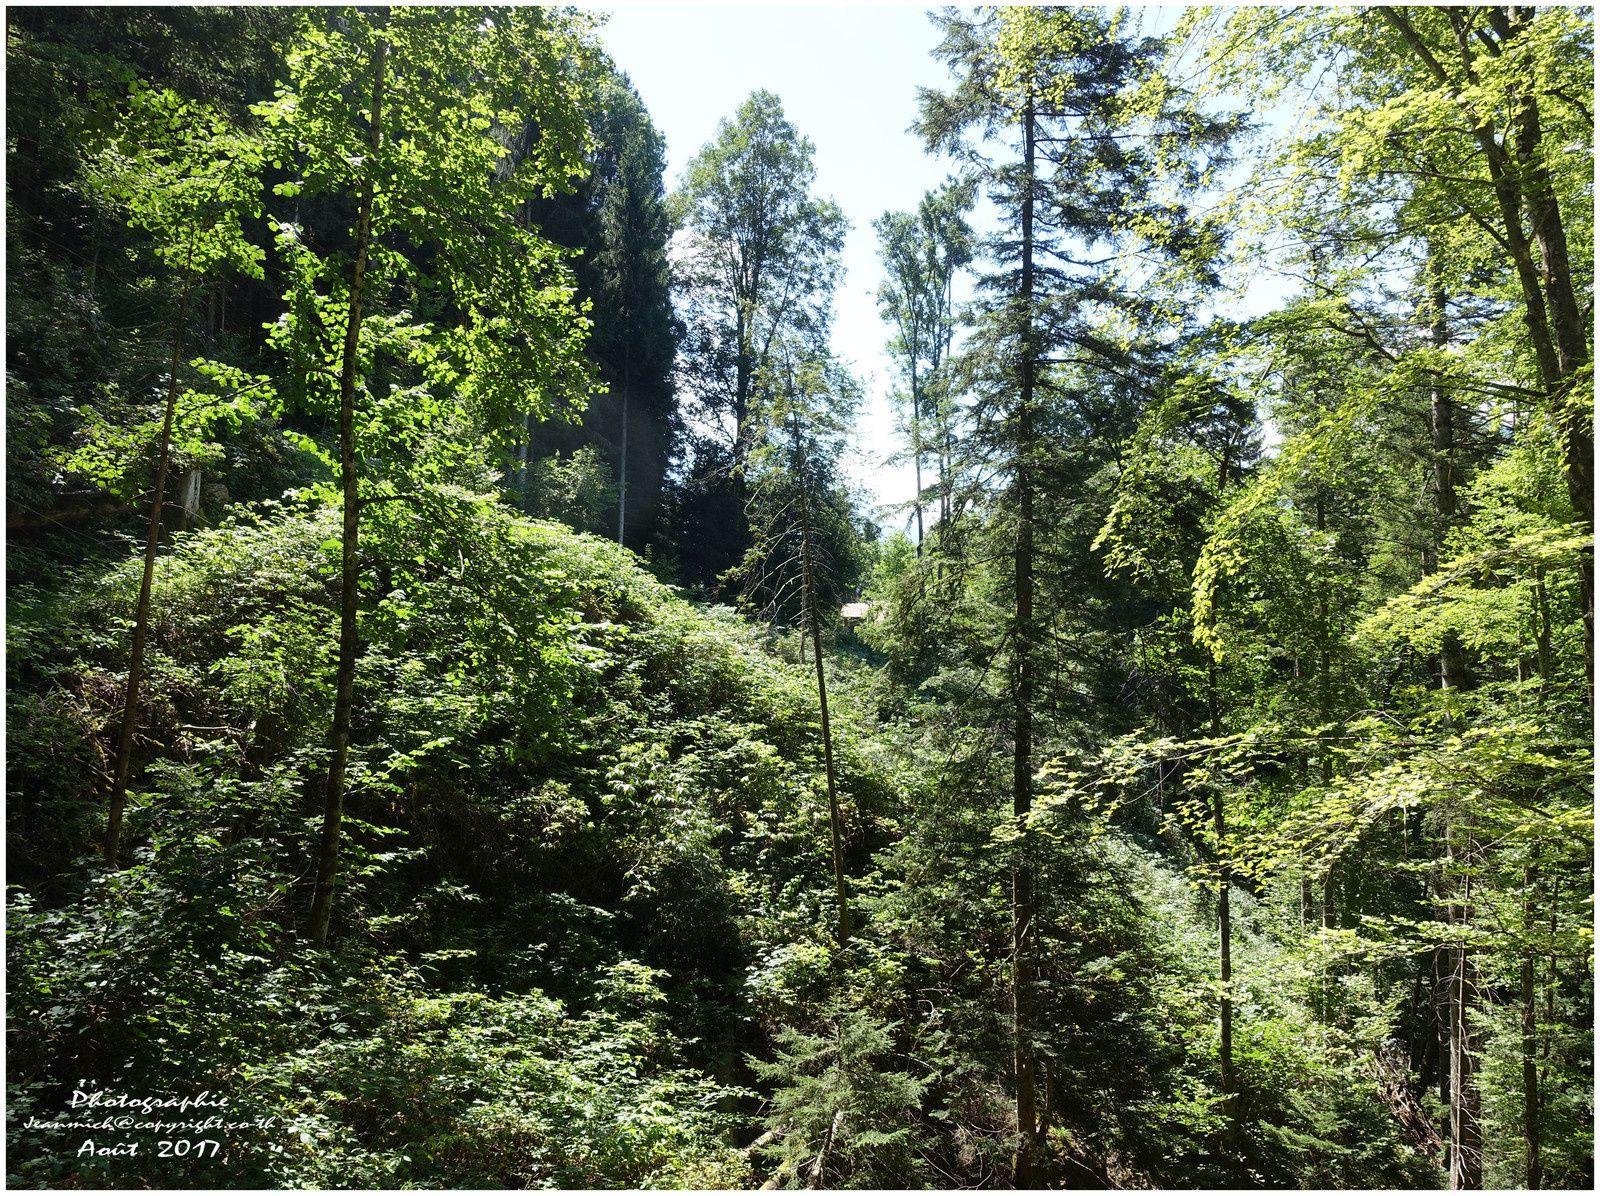 Notre verte vallée (Val d'Illiez, Valais)